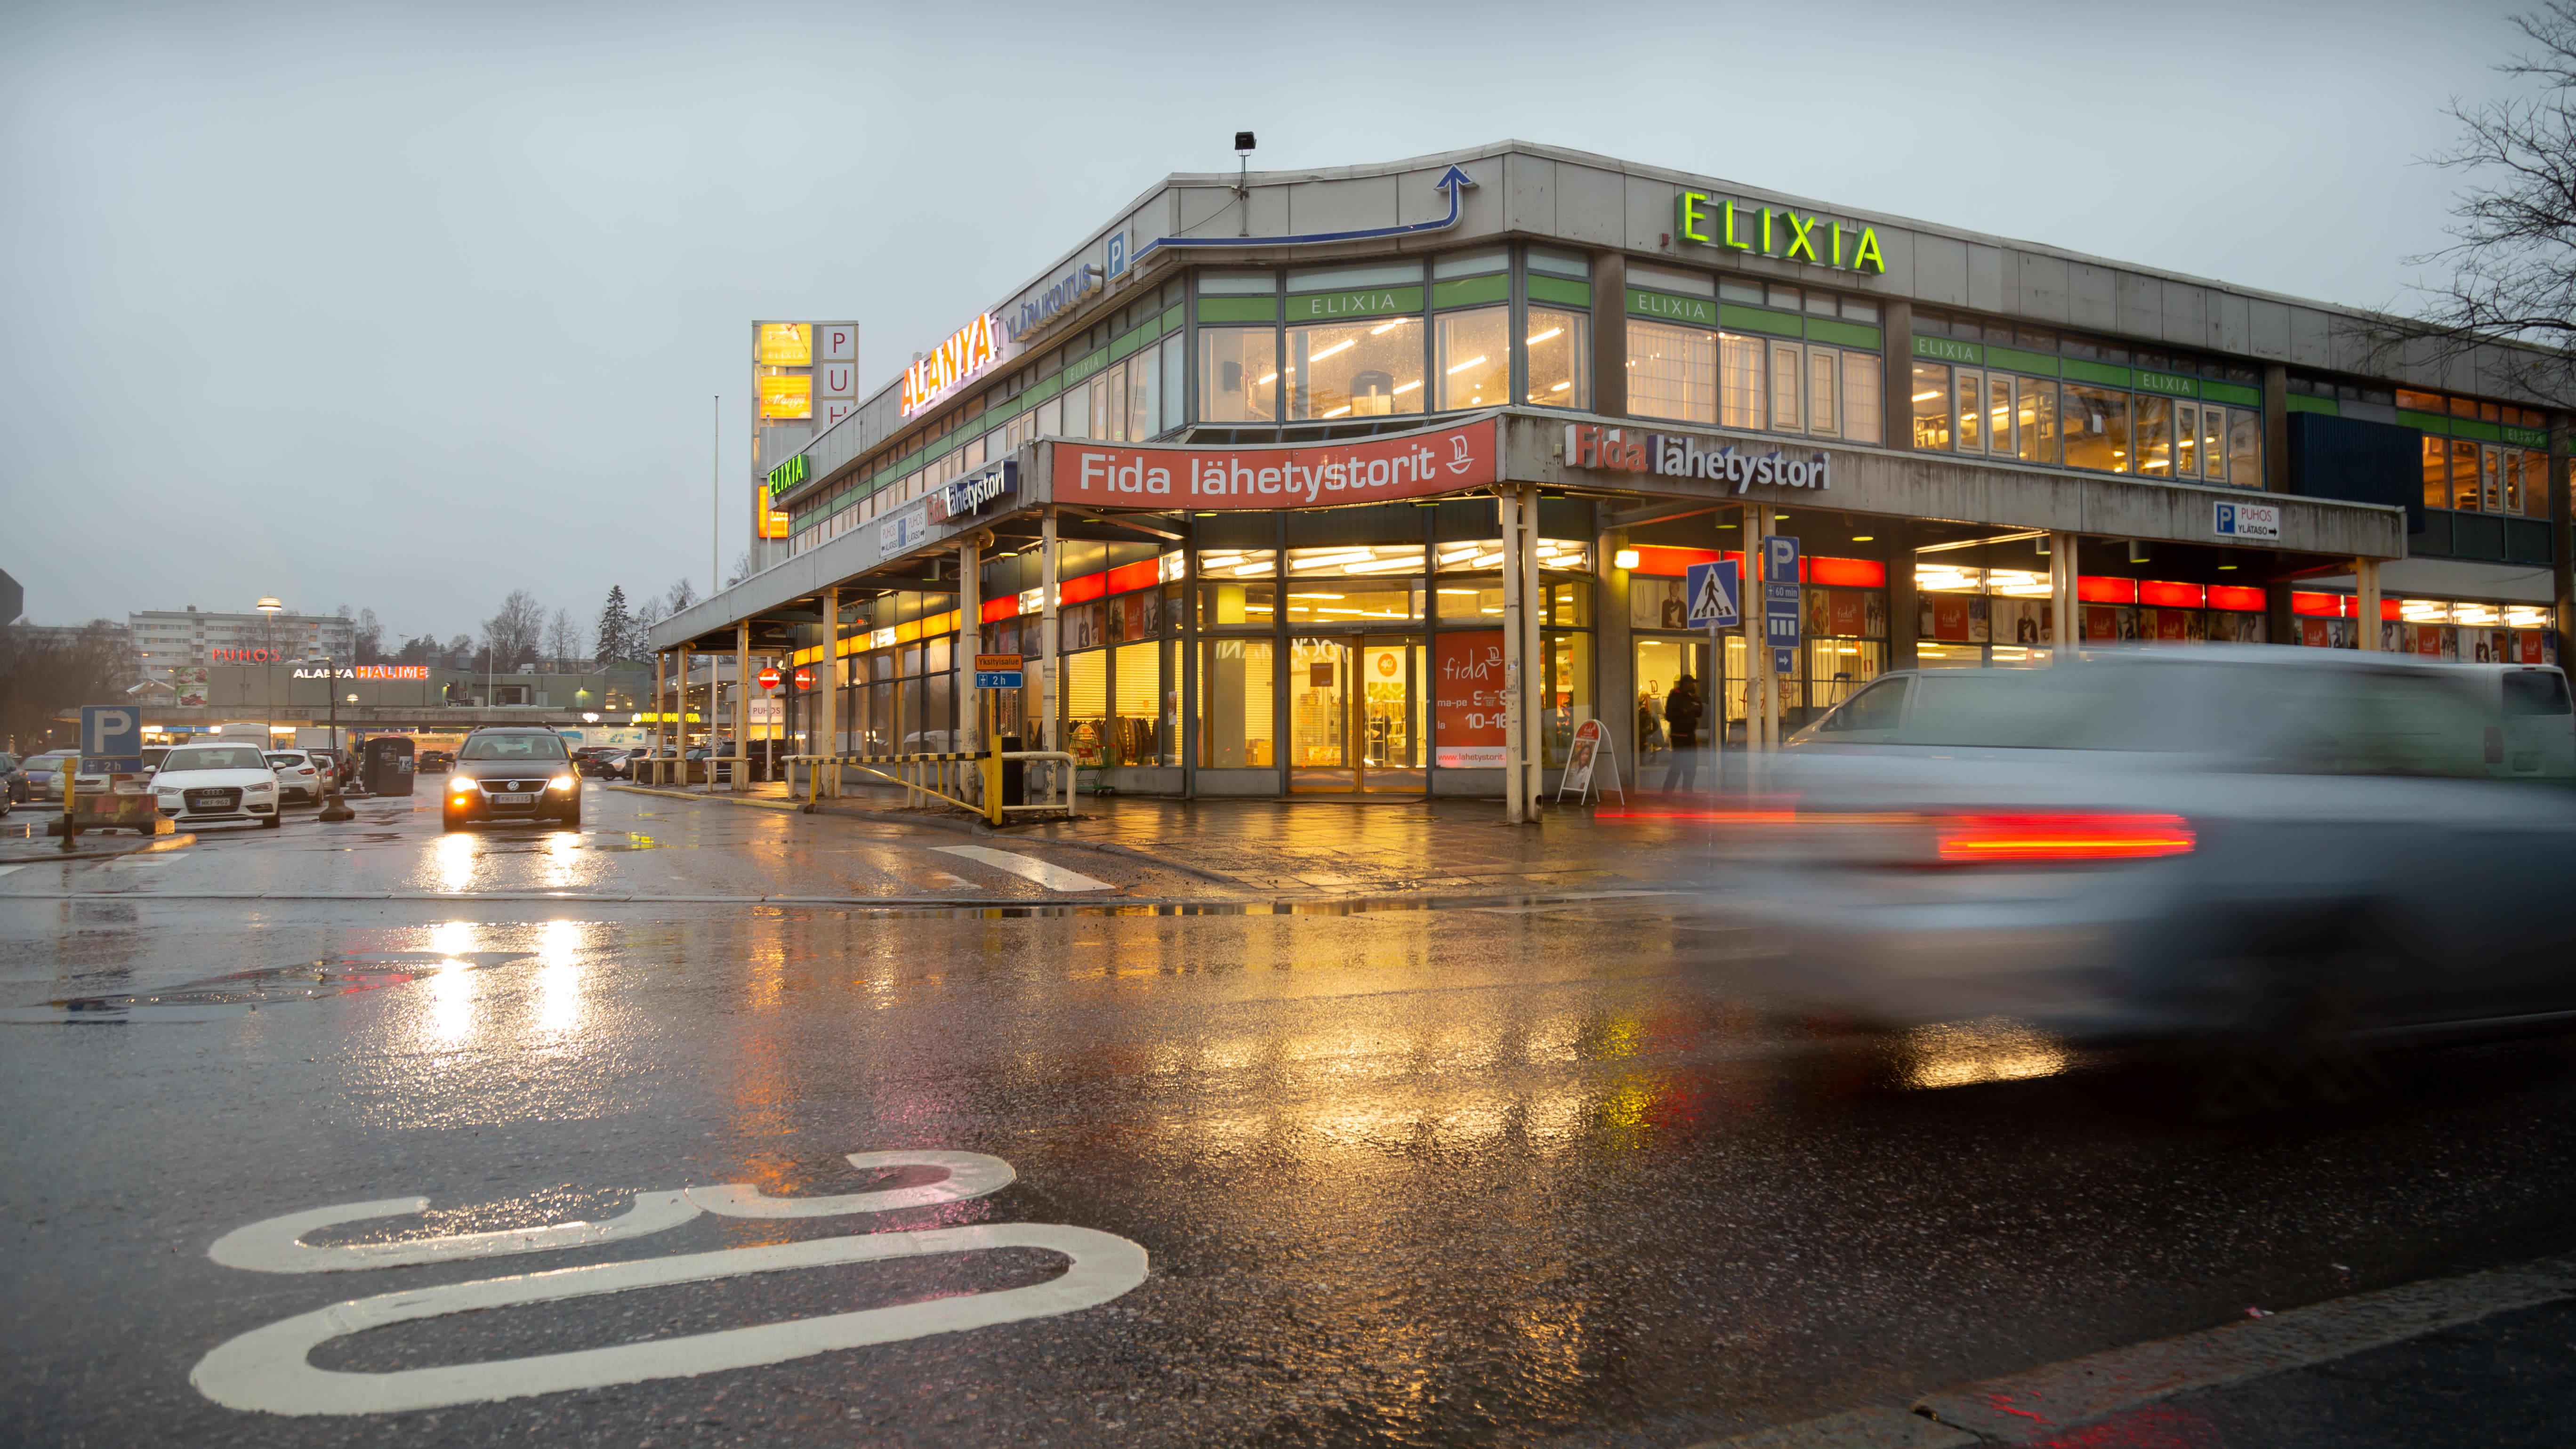 Kauppakeskus Puhos ulkoa päin. Eri liikkeiden valot loistavat sisältä lämpimästi sateisena päivänä. Liikeiden logoja: Fida, Elixia.  Auto hurahtaa juuri ohi, parkkipaikalta tulevan auton valot heijastuvat märästä asfaltista.